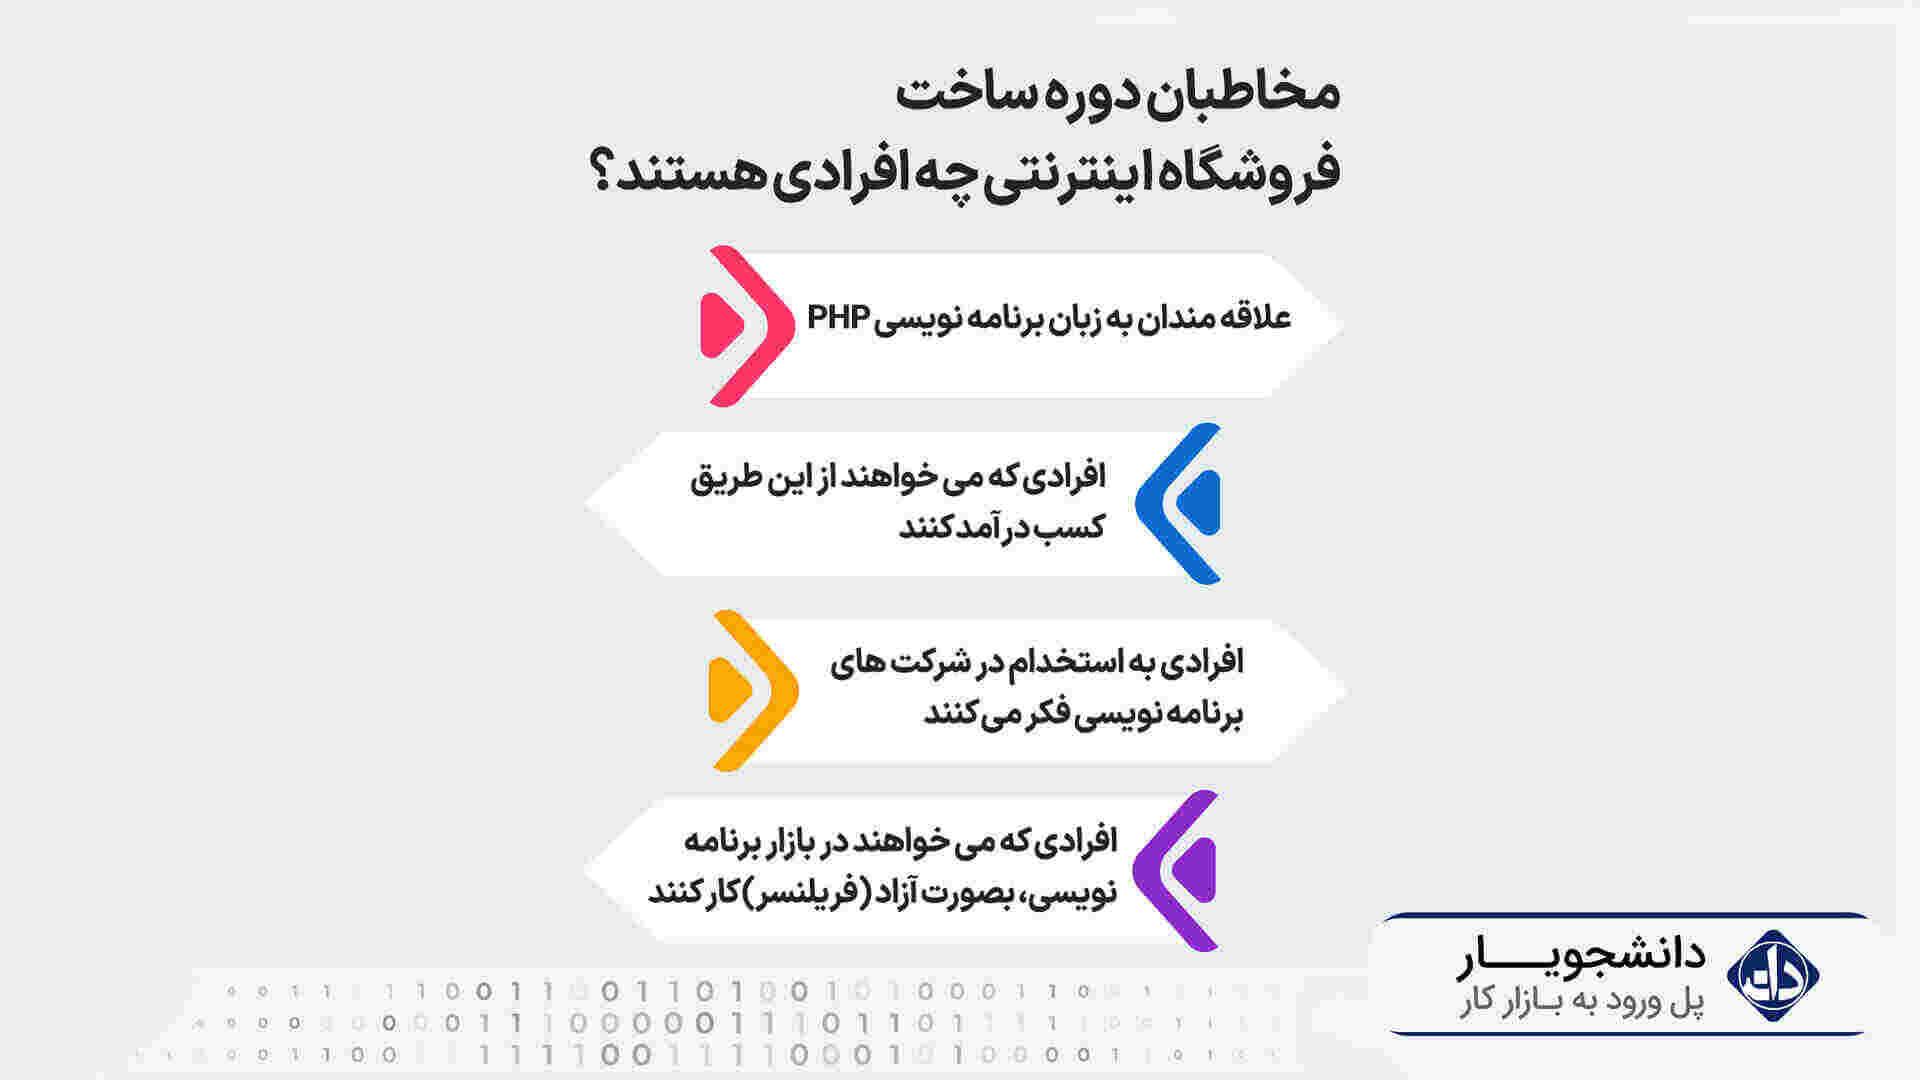 مخاطبان دوره آموزش ساخت فروشگاه اینترنتی با php